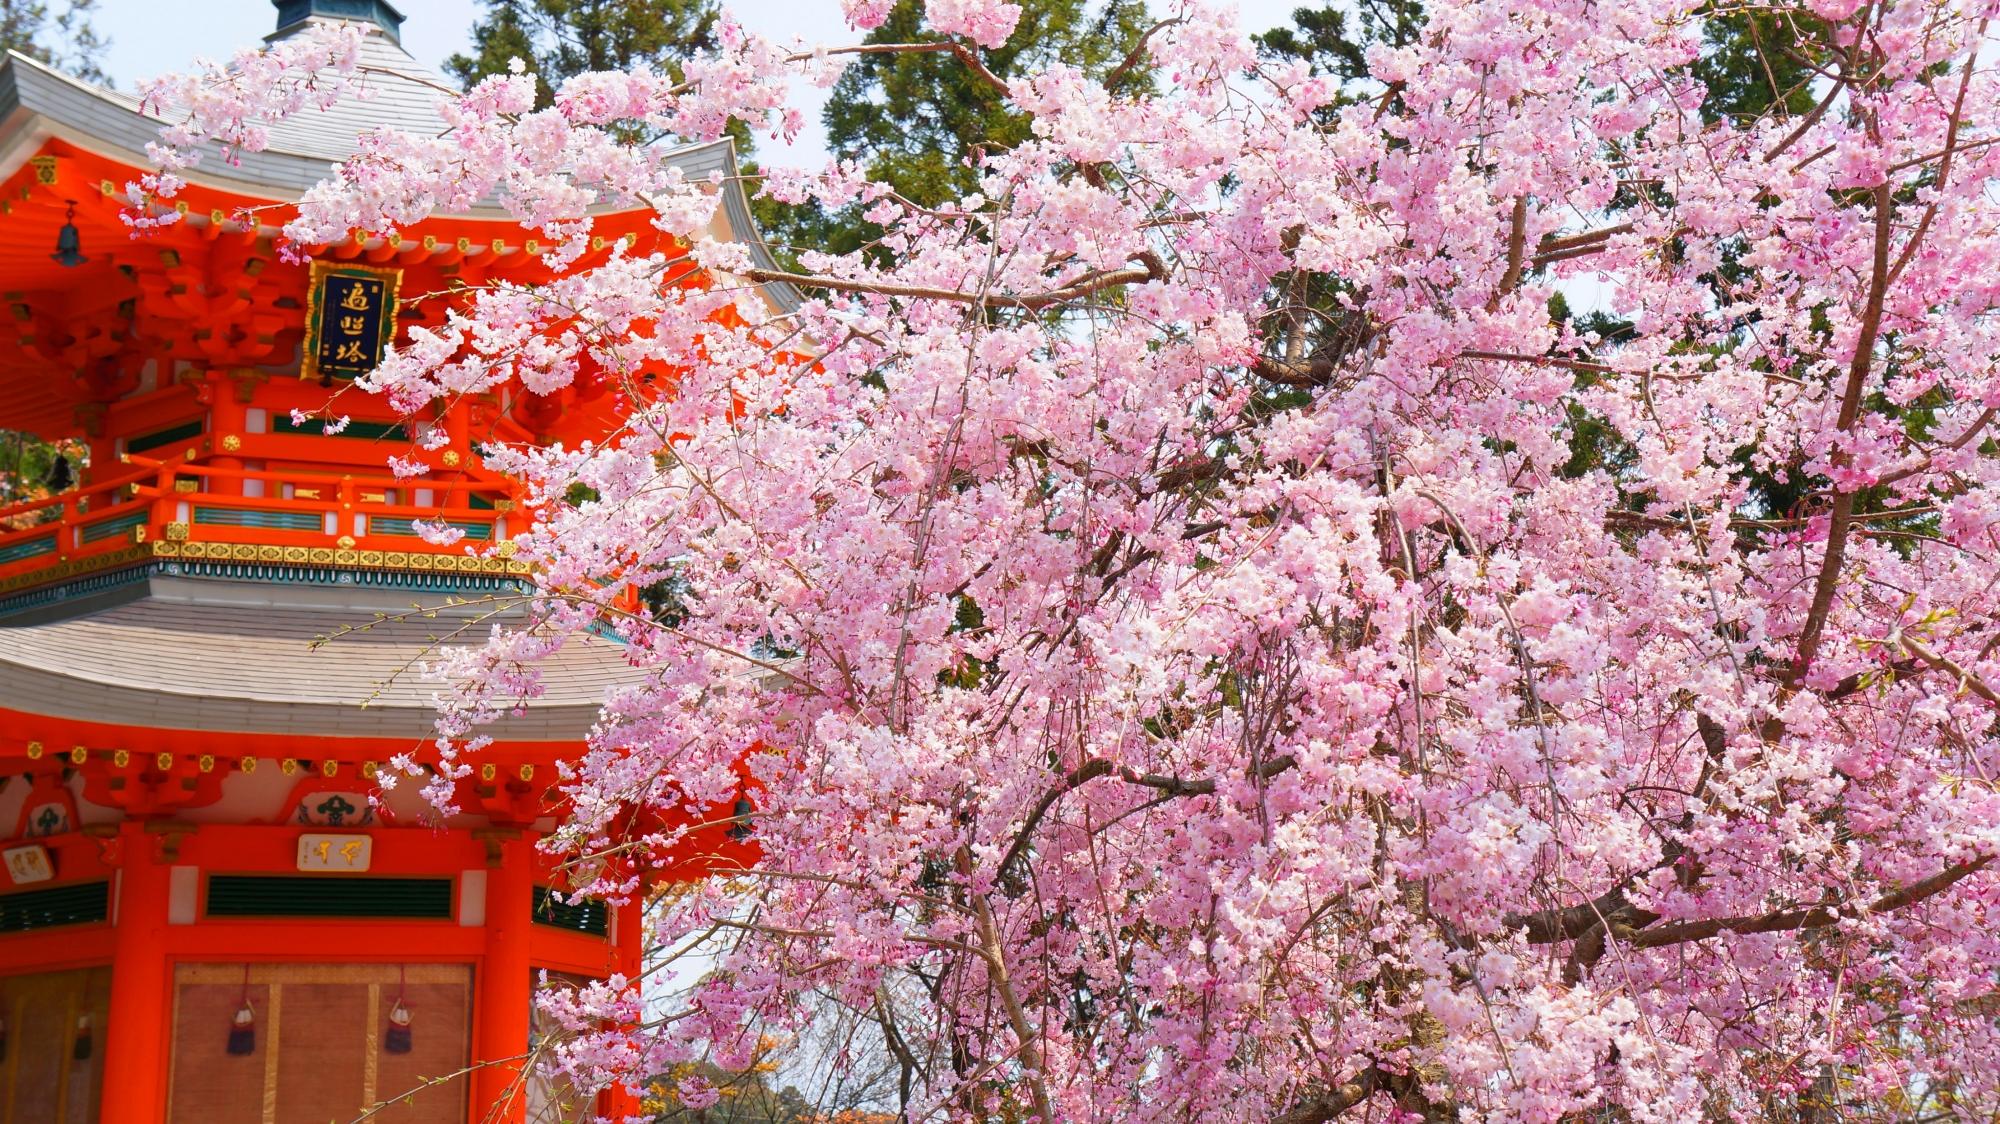 朱色の遍照堂に映える見事なピンクの桜